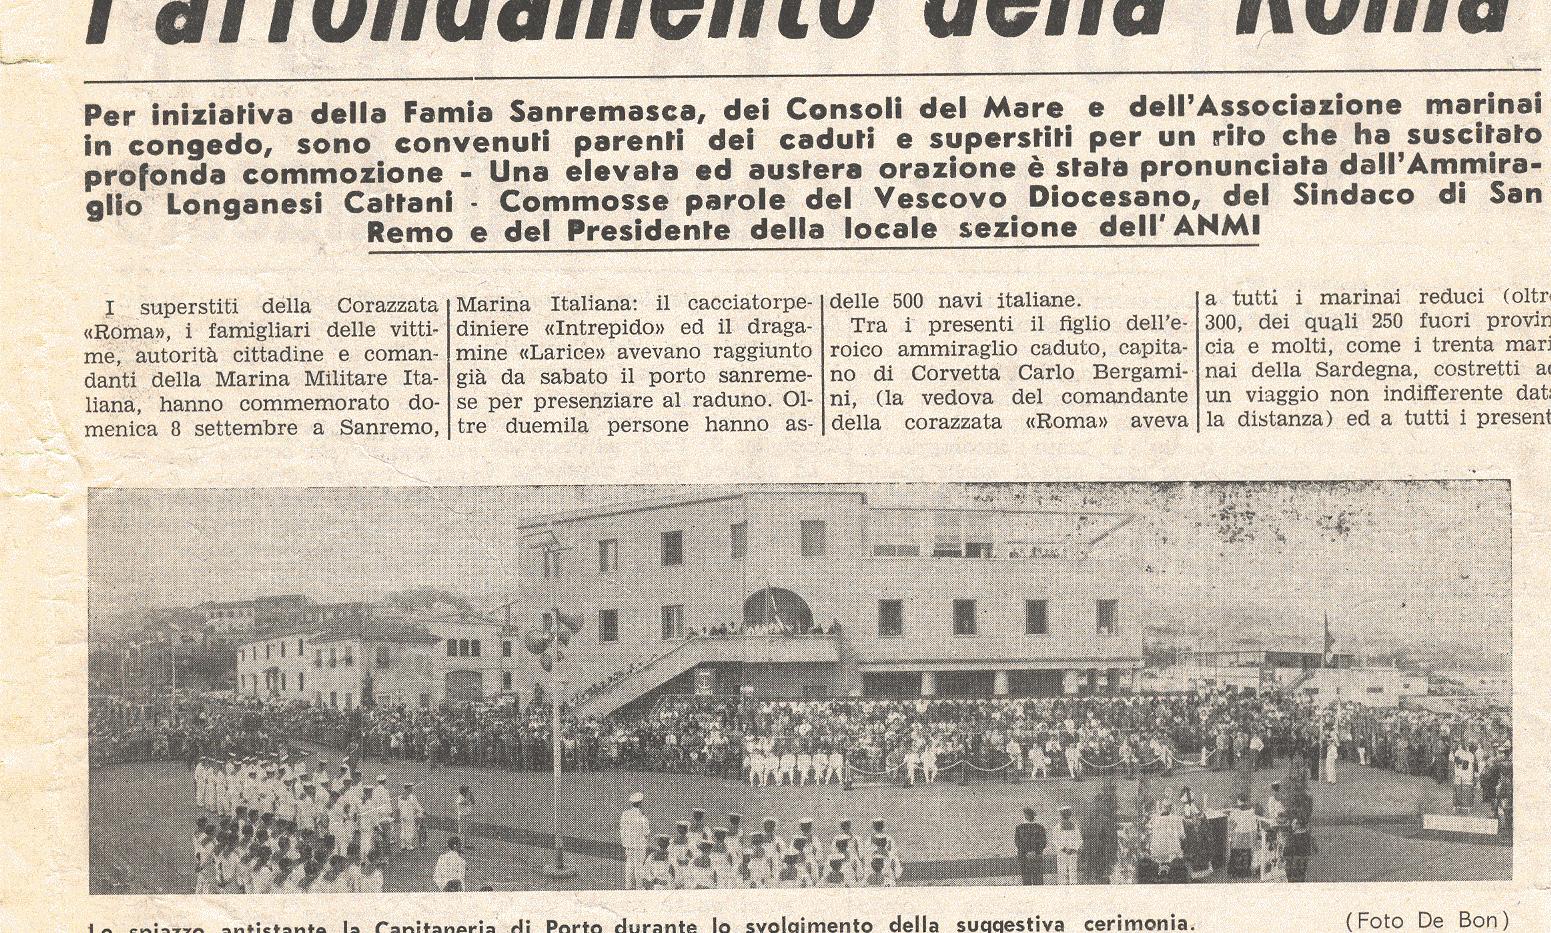 11_settembre_1968.bmp